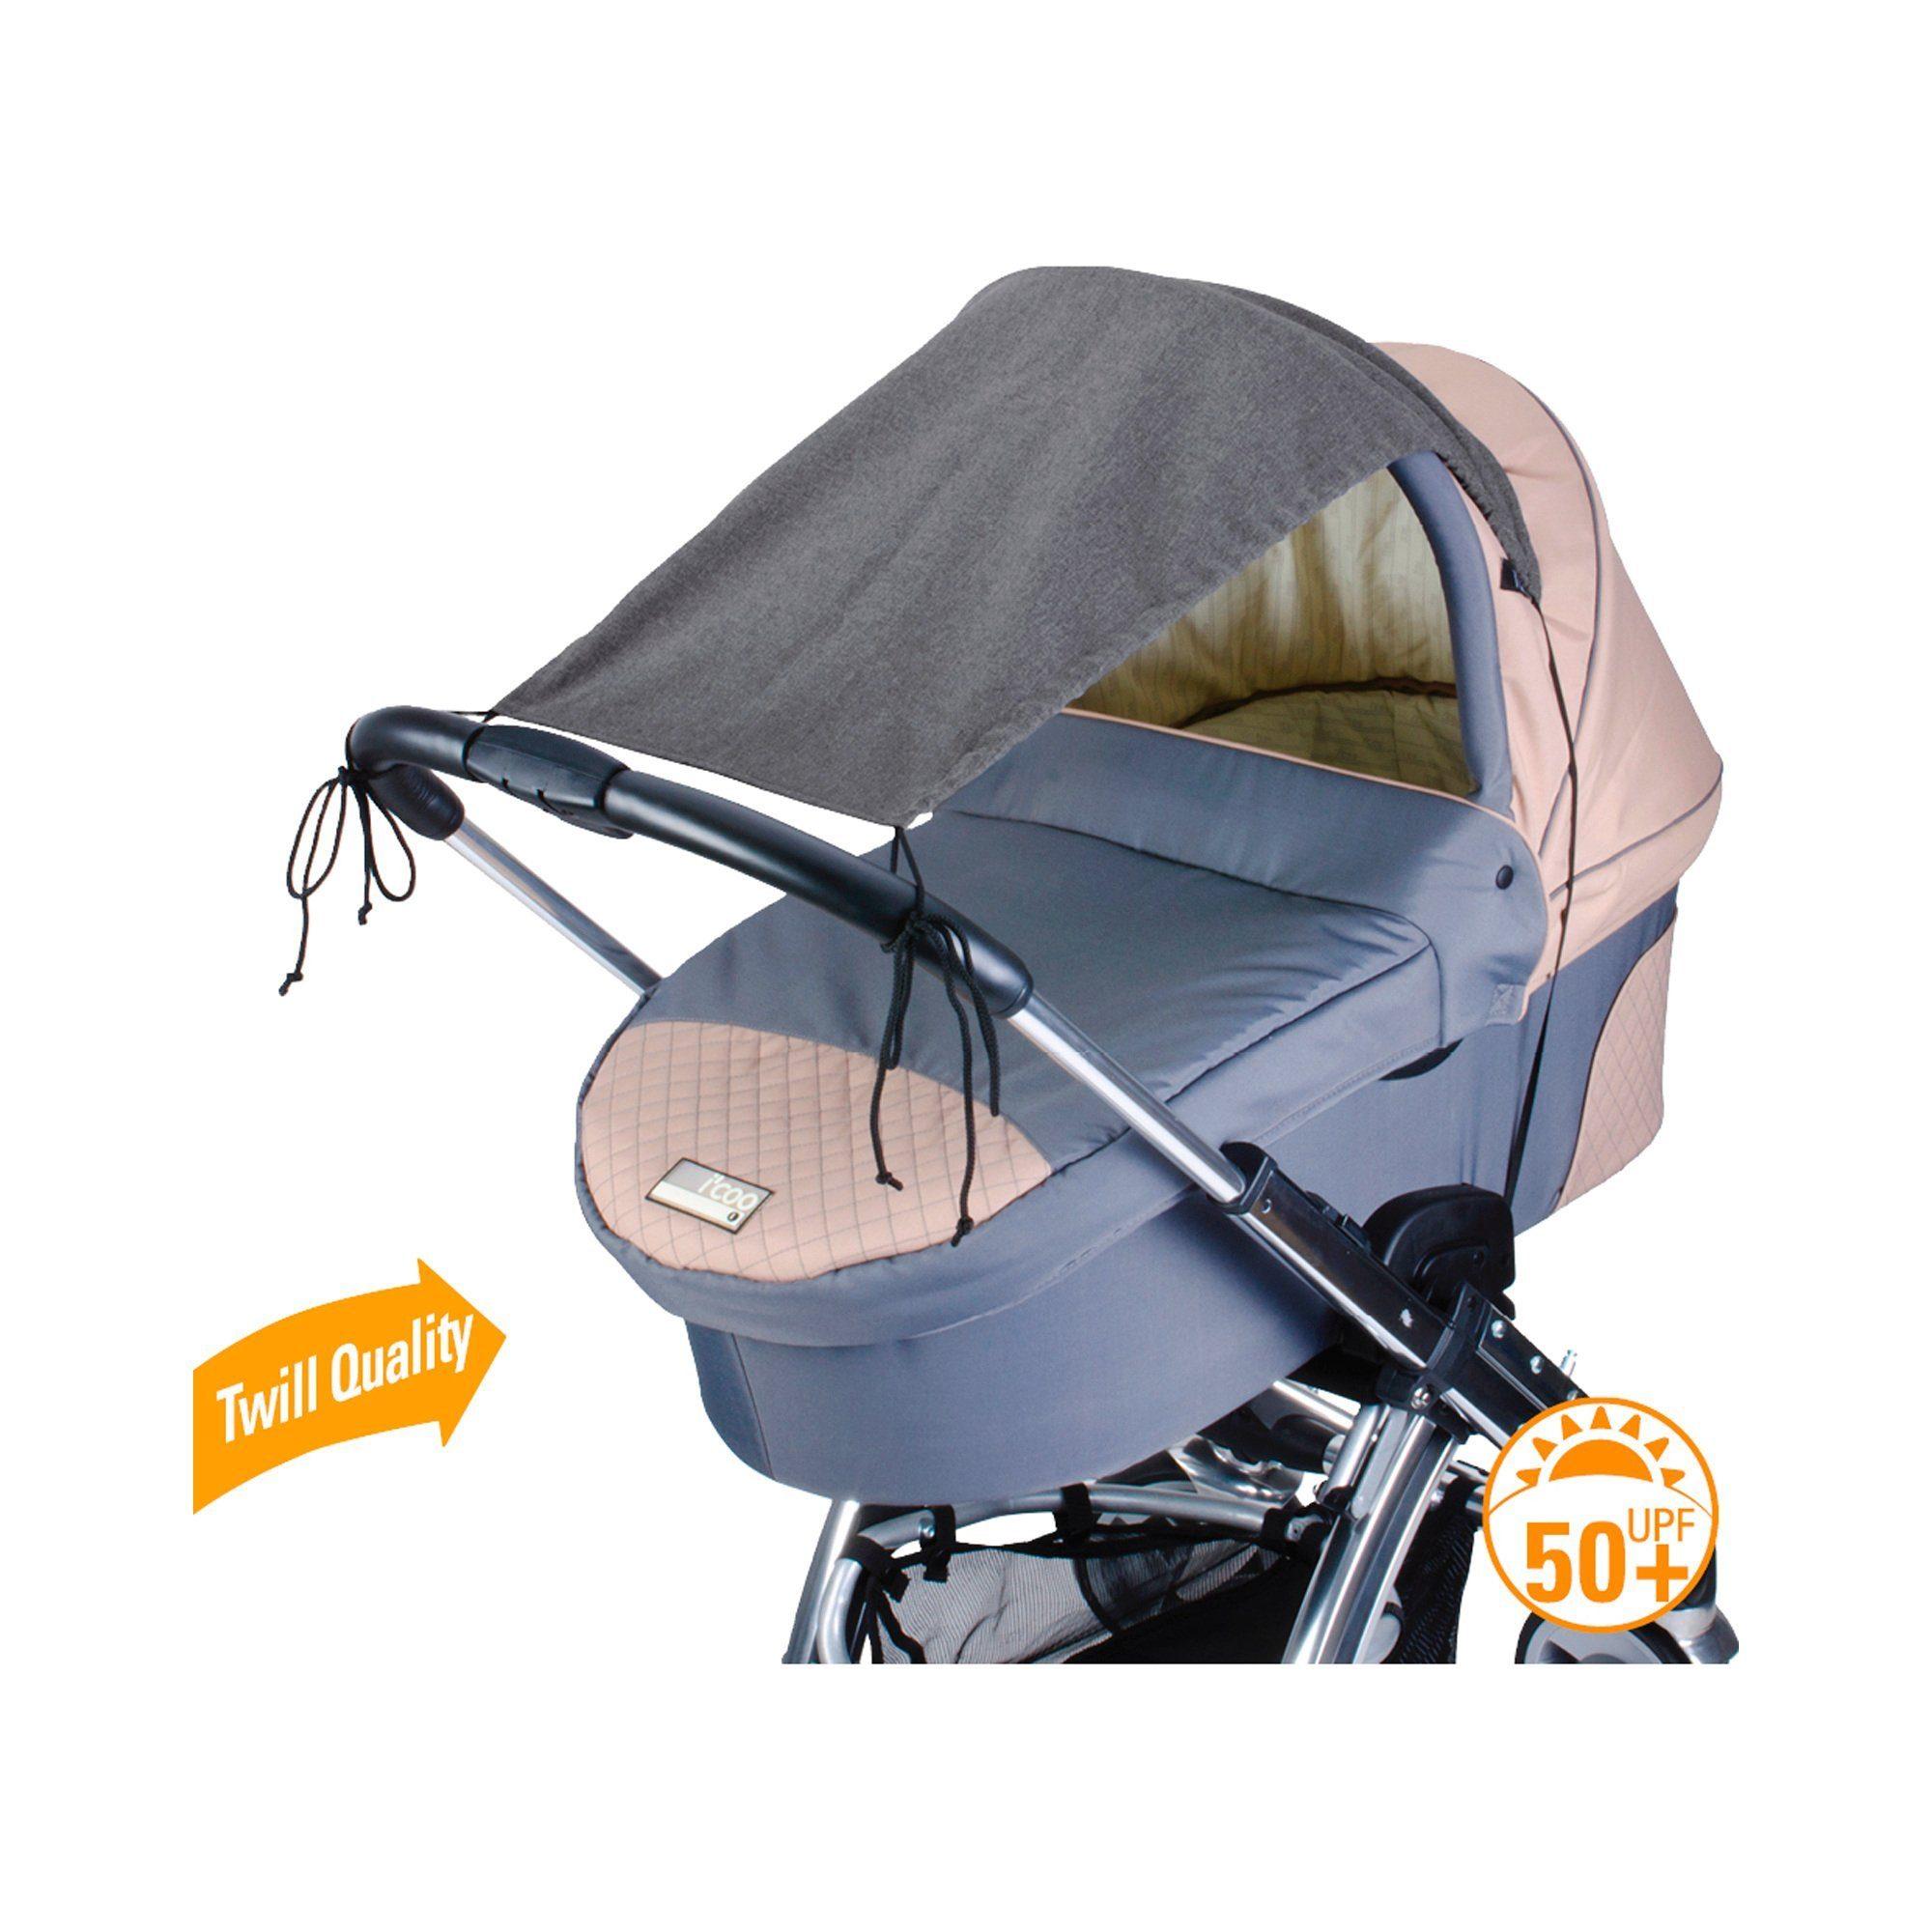 DIAGO Deluxe Sonnensegel mit UV-Schutz 50+